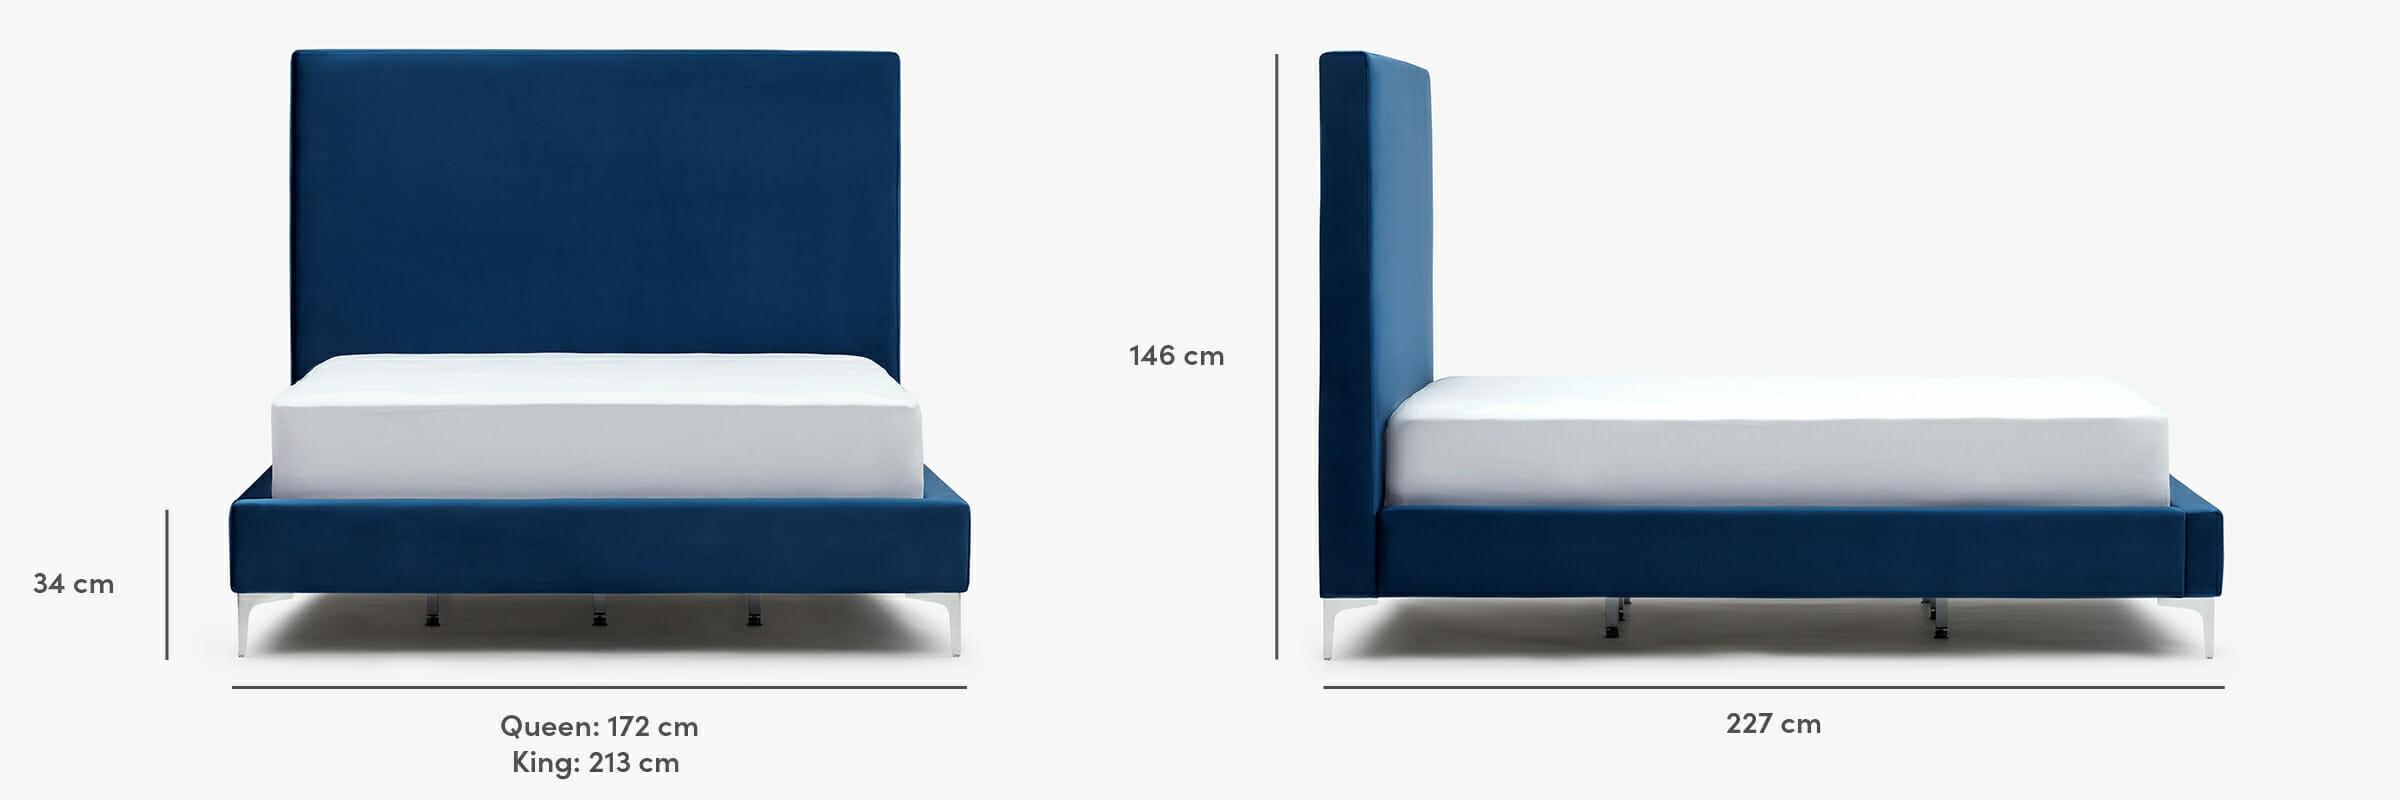 Lit en velours Modena - dimensions